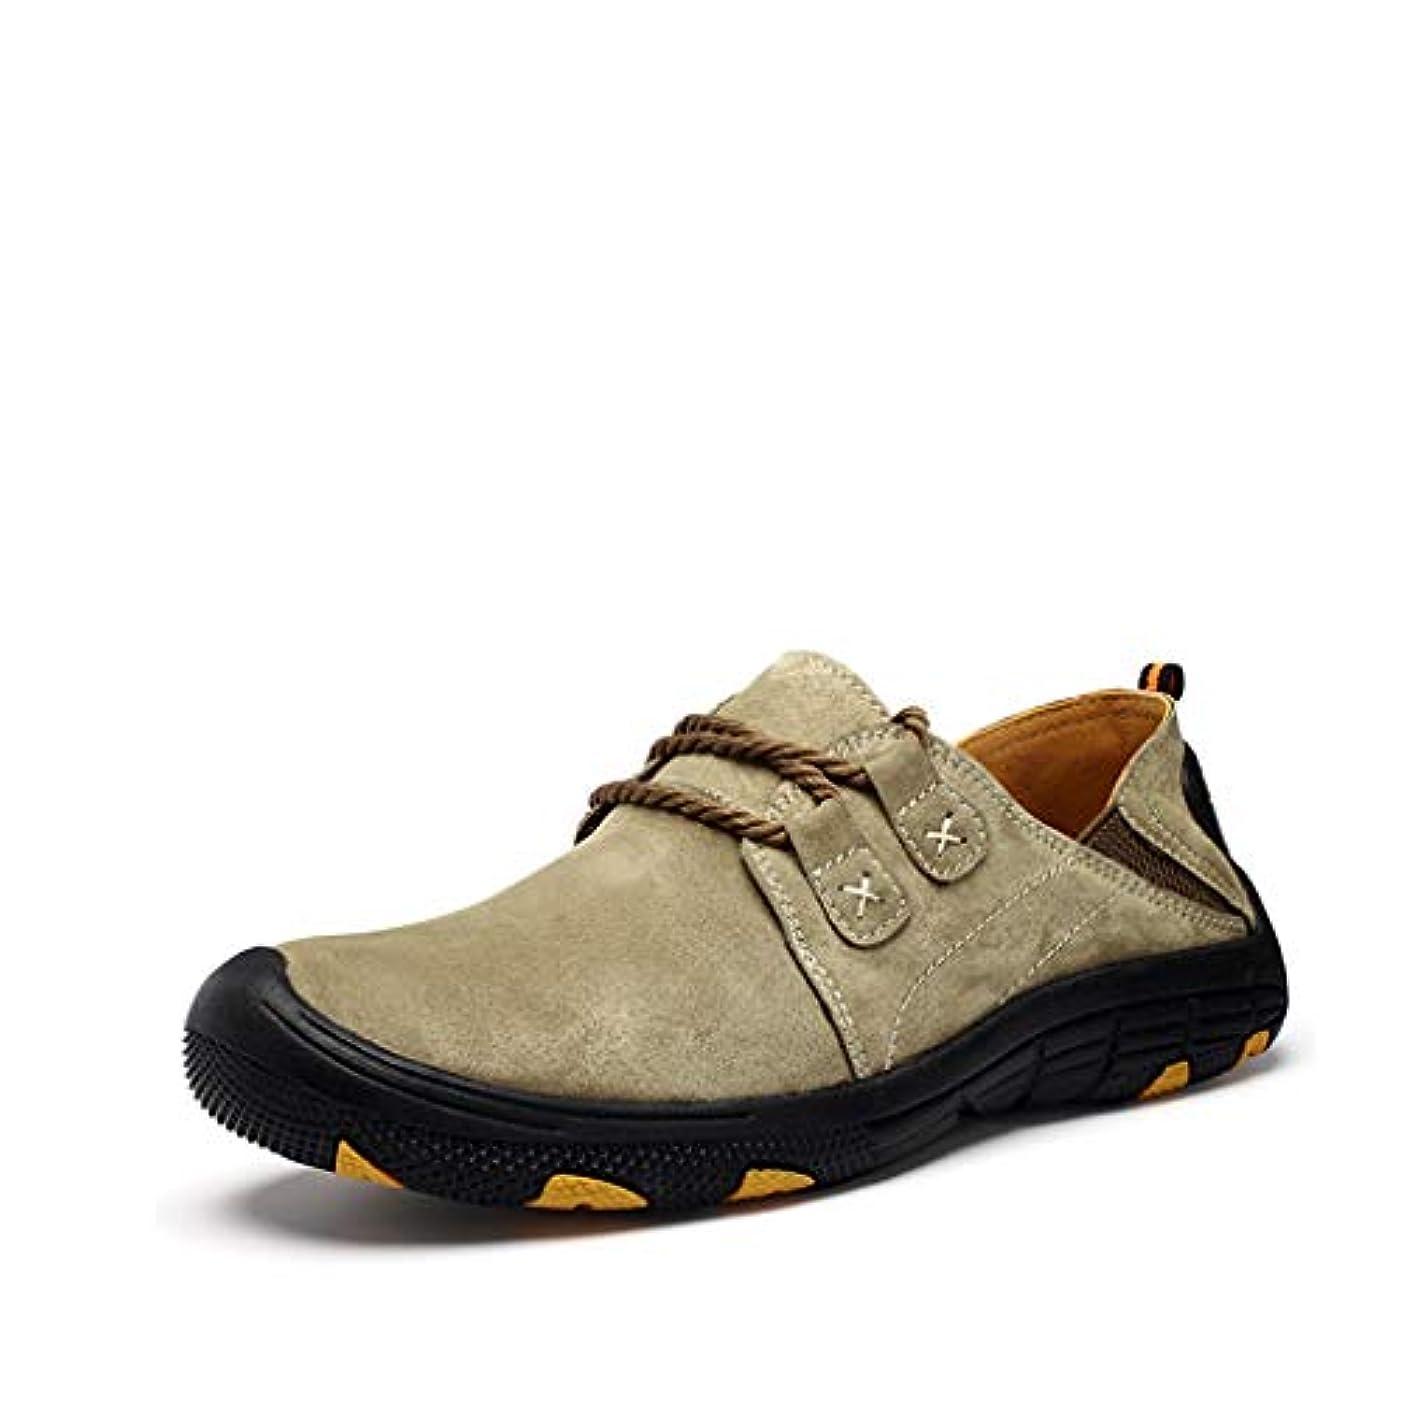 カポック原告反対[SENNIAN] メンズ トレッキングシューズ 登山靴 スニーカー アウトドアシューズ キャンプ 耐磨耗 防滑 軽量 通気性 ウォーキングシューズ ローカット ハイキングシューズ 防撞 運動靴